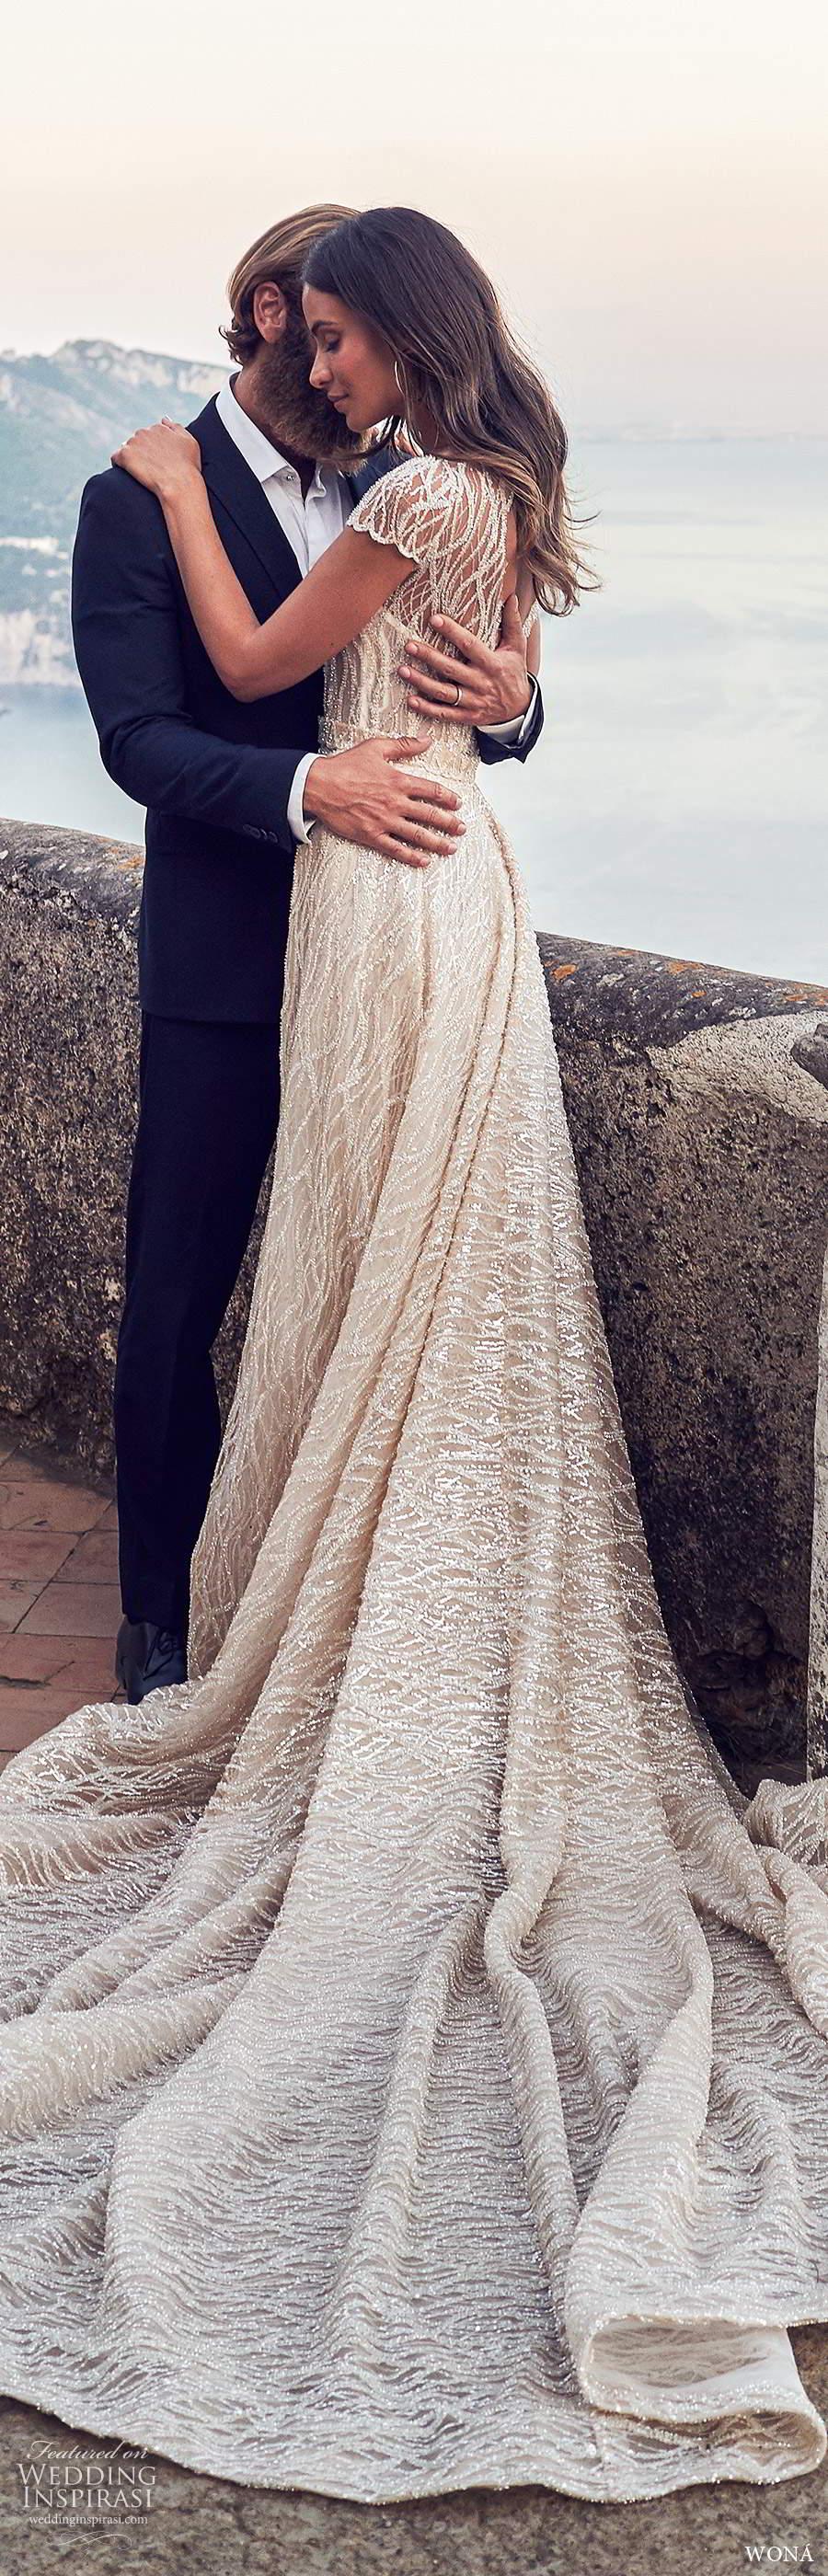 wona fall 2020 bridal illusion cap sleeves sheer bateau neckline fully embellished glitzy sheath wedding dress a line overskirt chapel train (20) bv